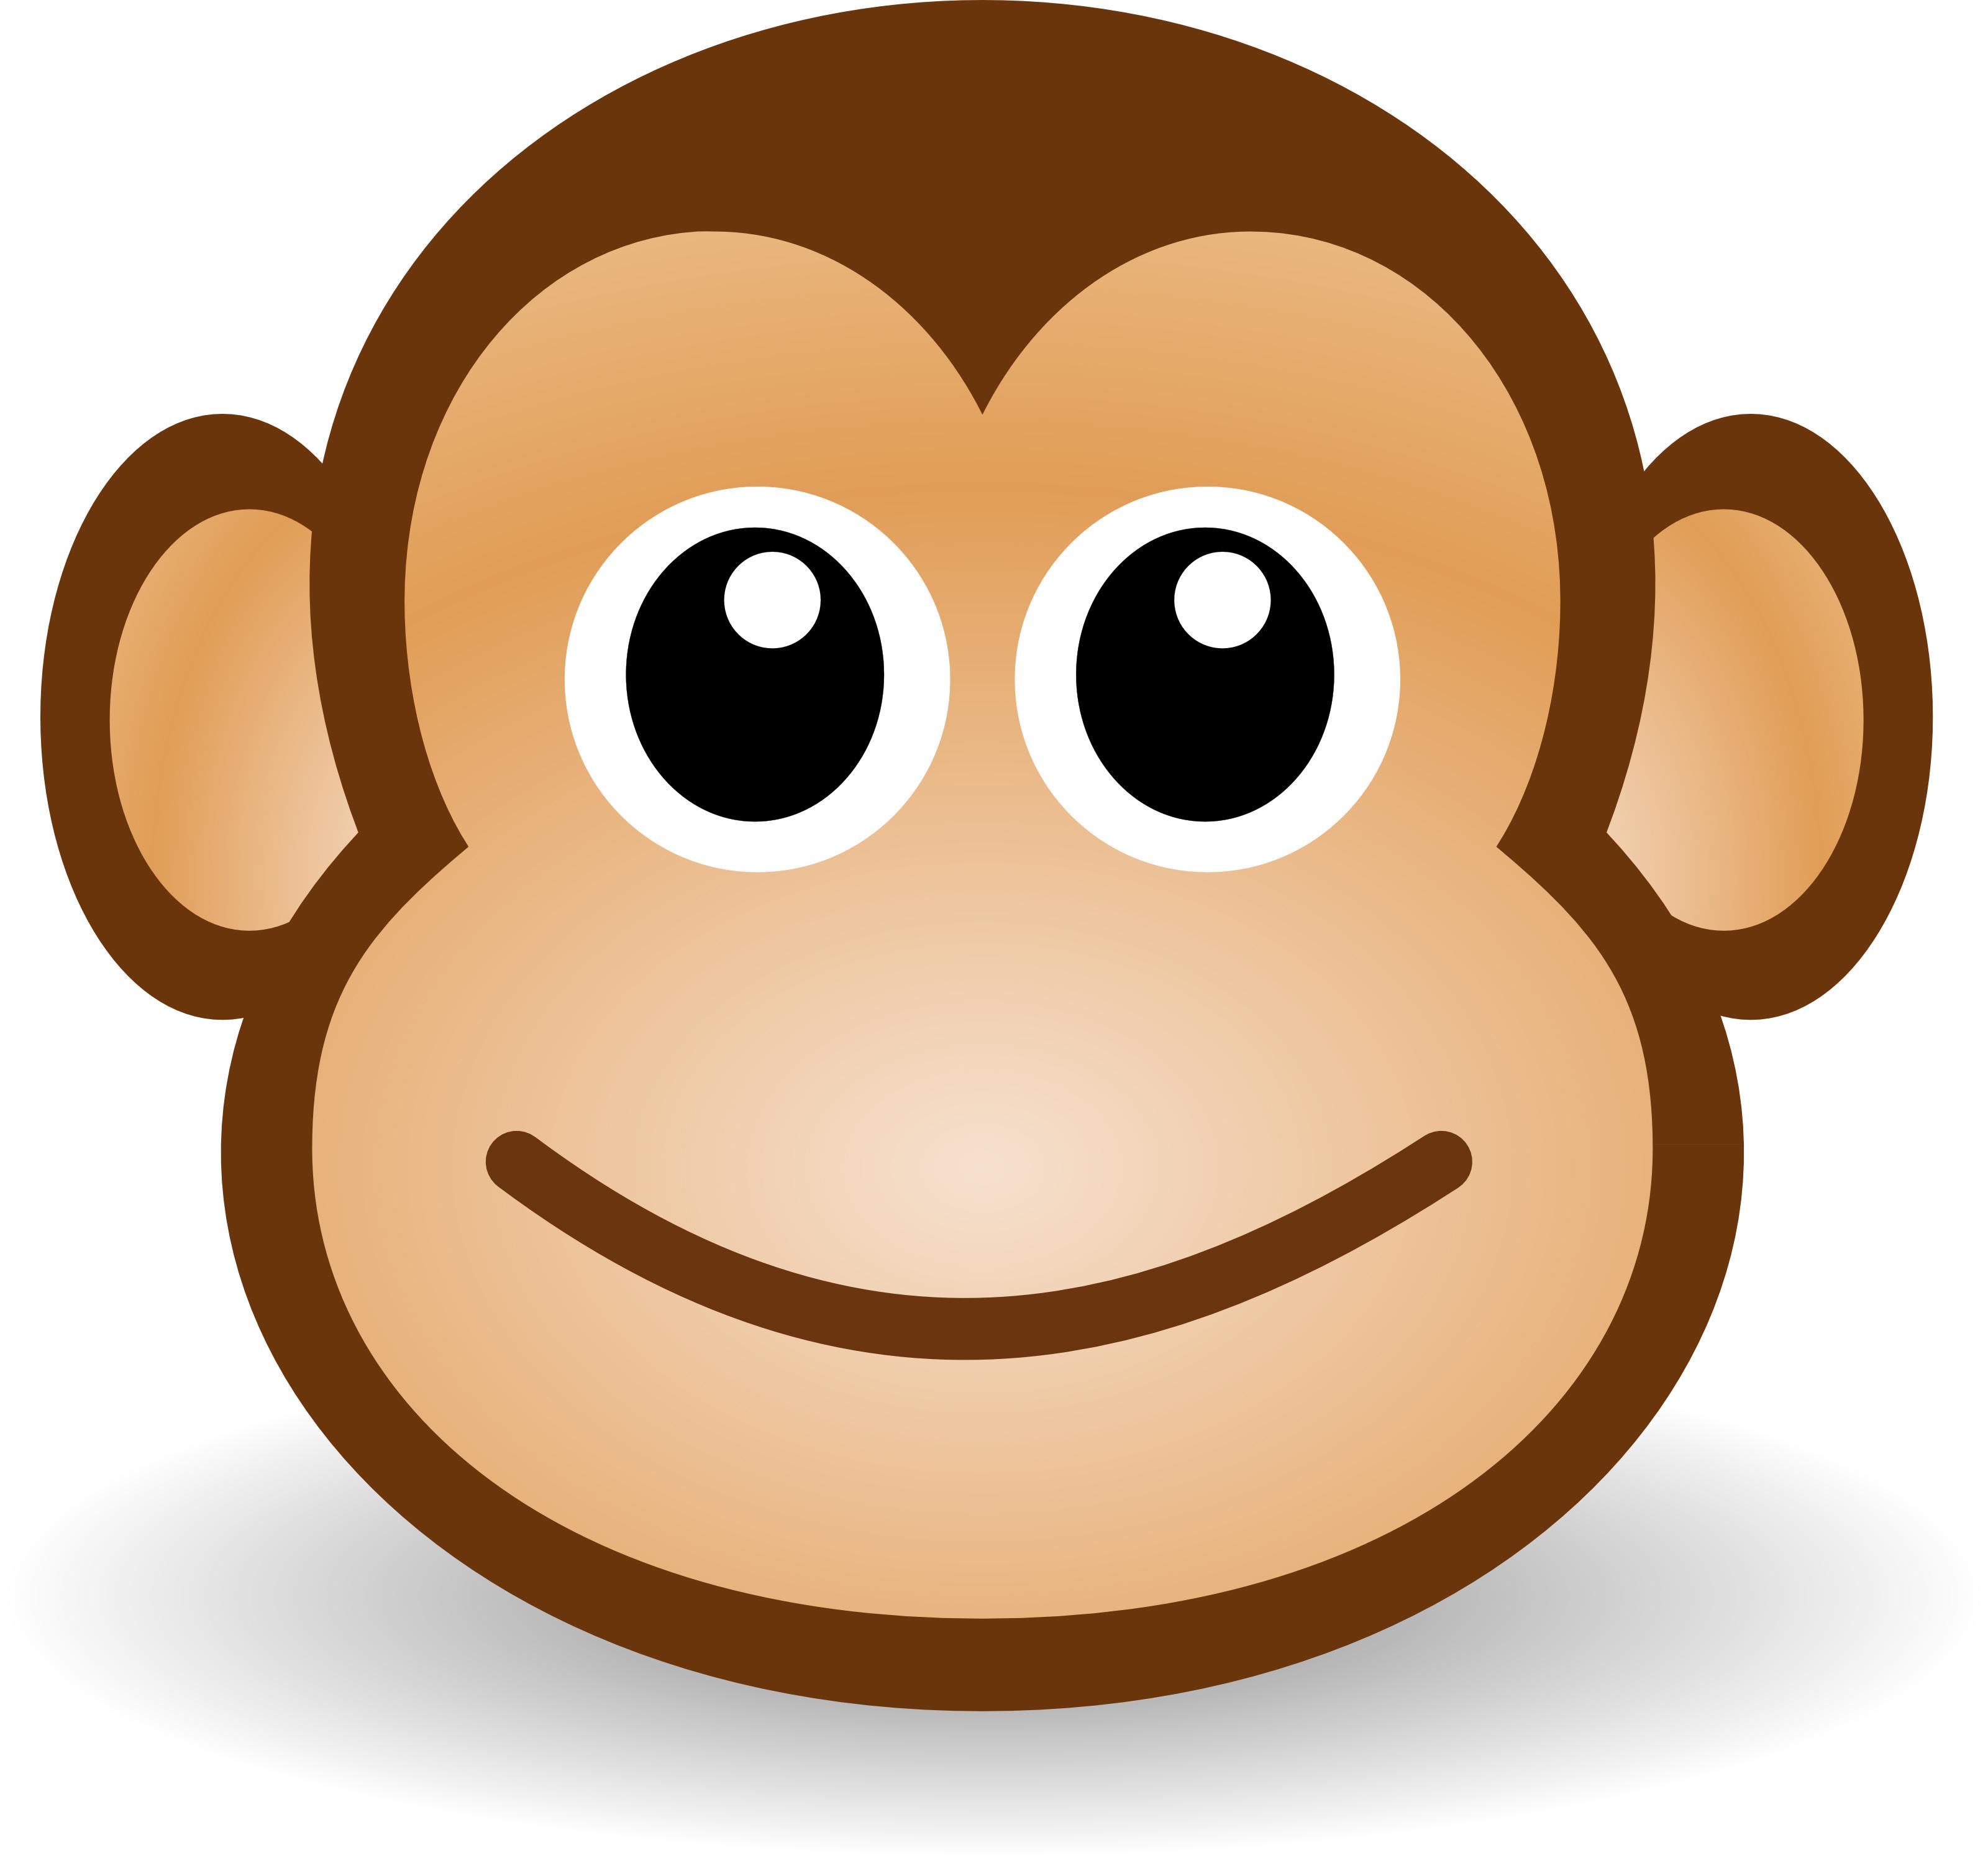 Baby Monkey Cartoon.